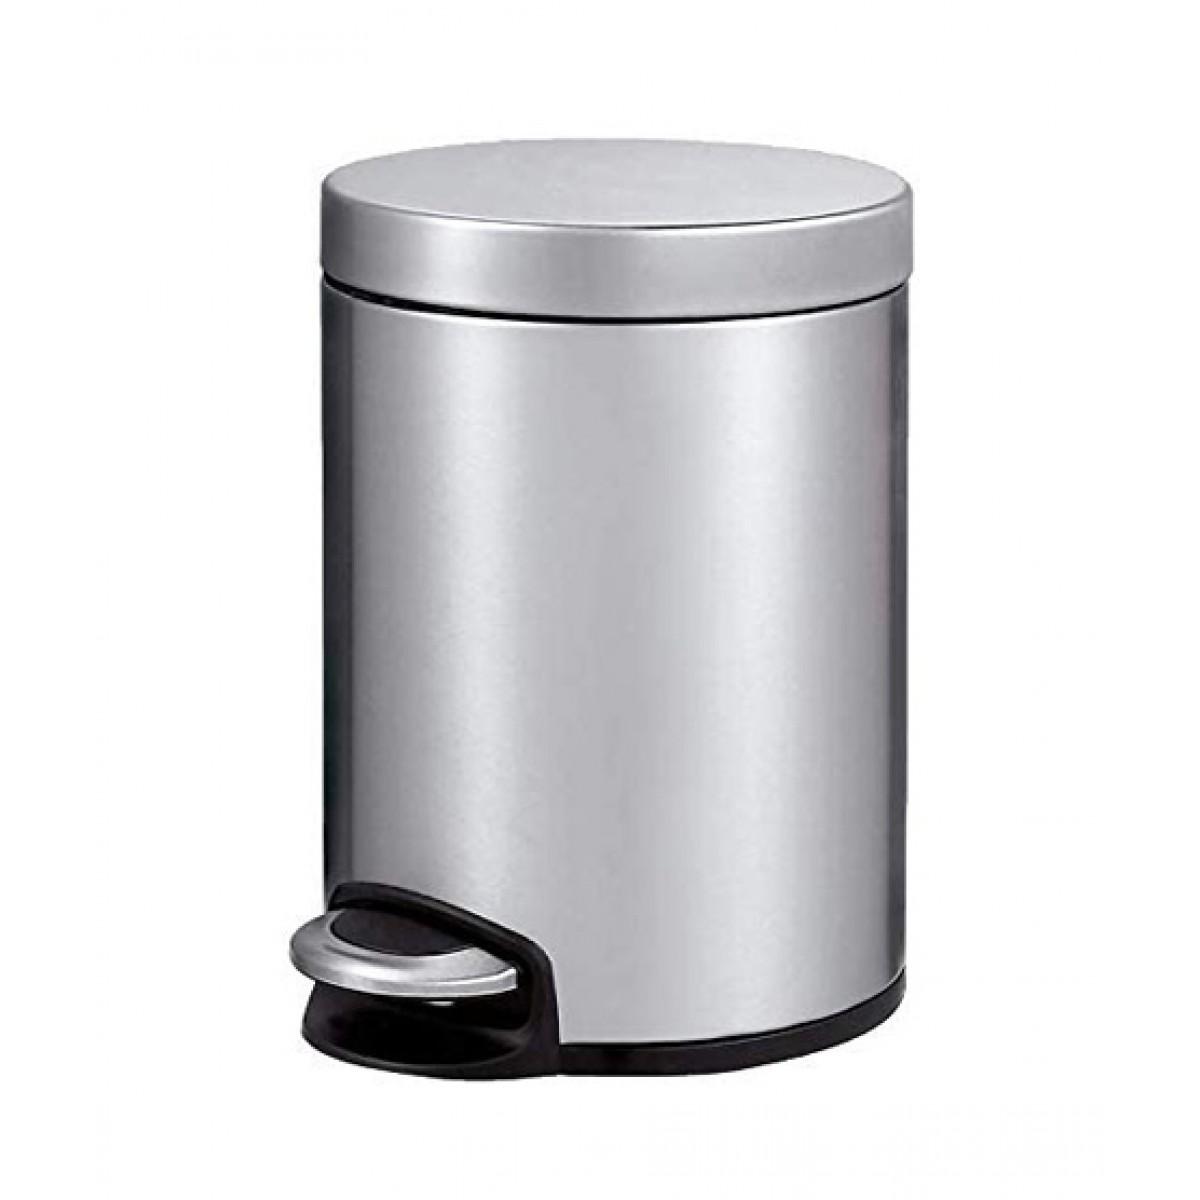 Eko Serene Step Bin 5 Liter Silver (EK9215MT-5L)